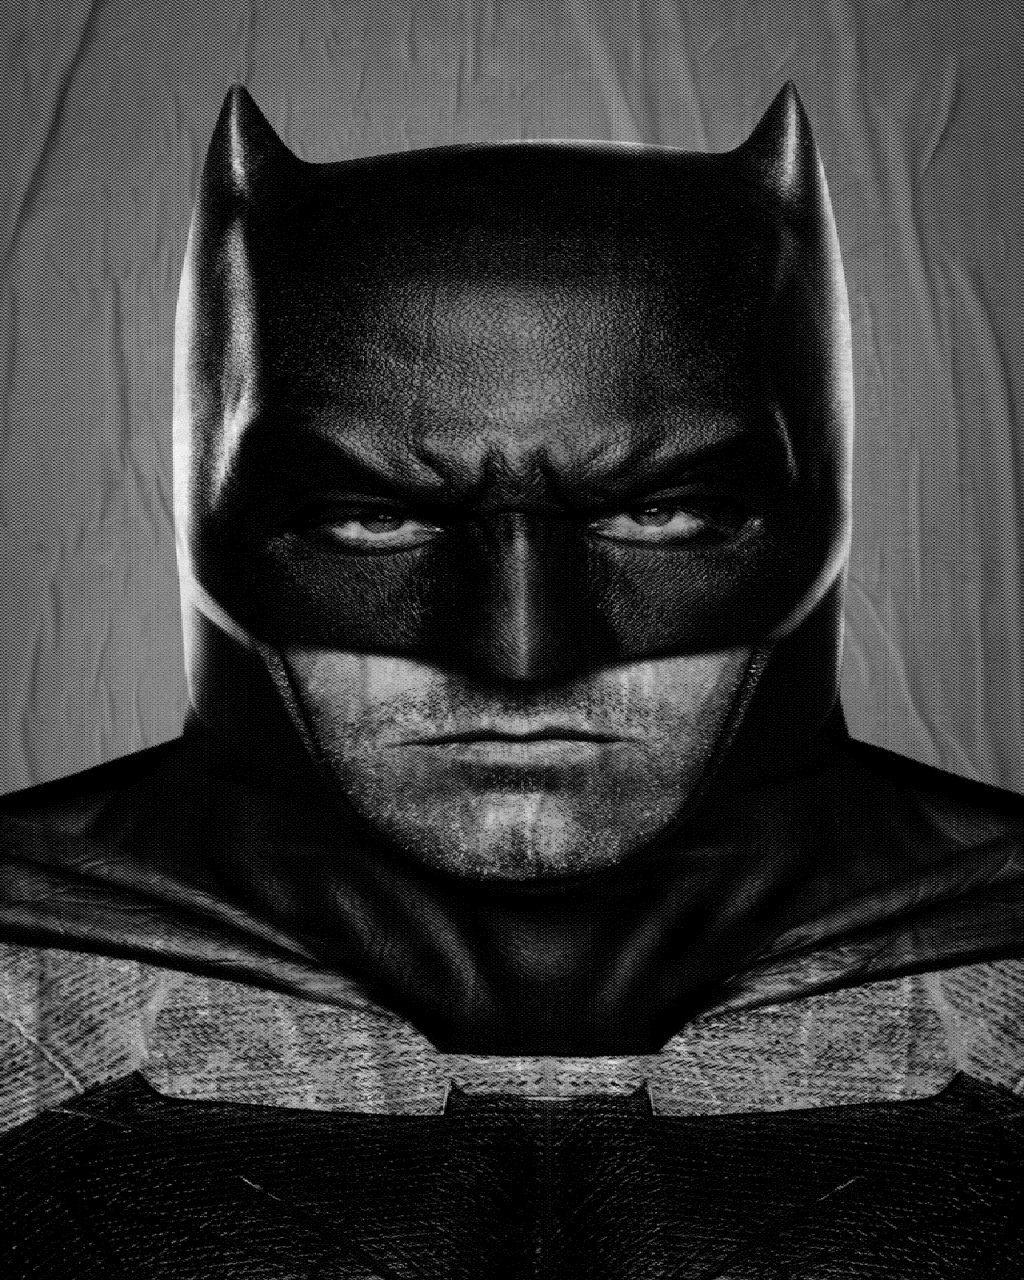 Ben affleck batman v superman 2016 hd wallpaper movies ben affleck batman v superman 2016 hd wallpaper voltagebd Gallery